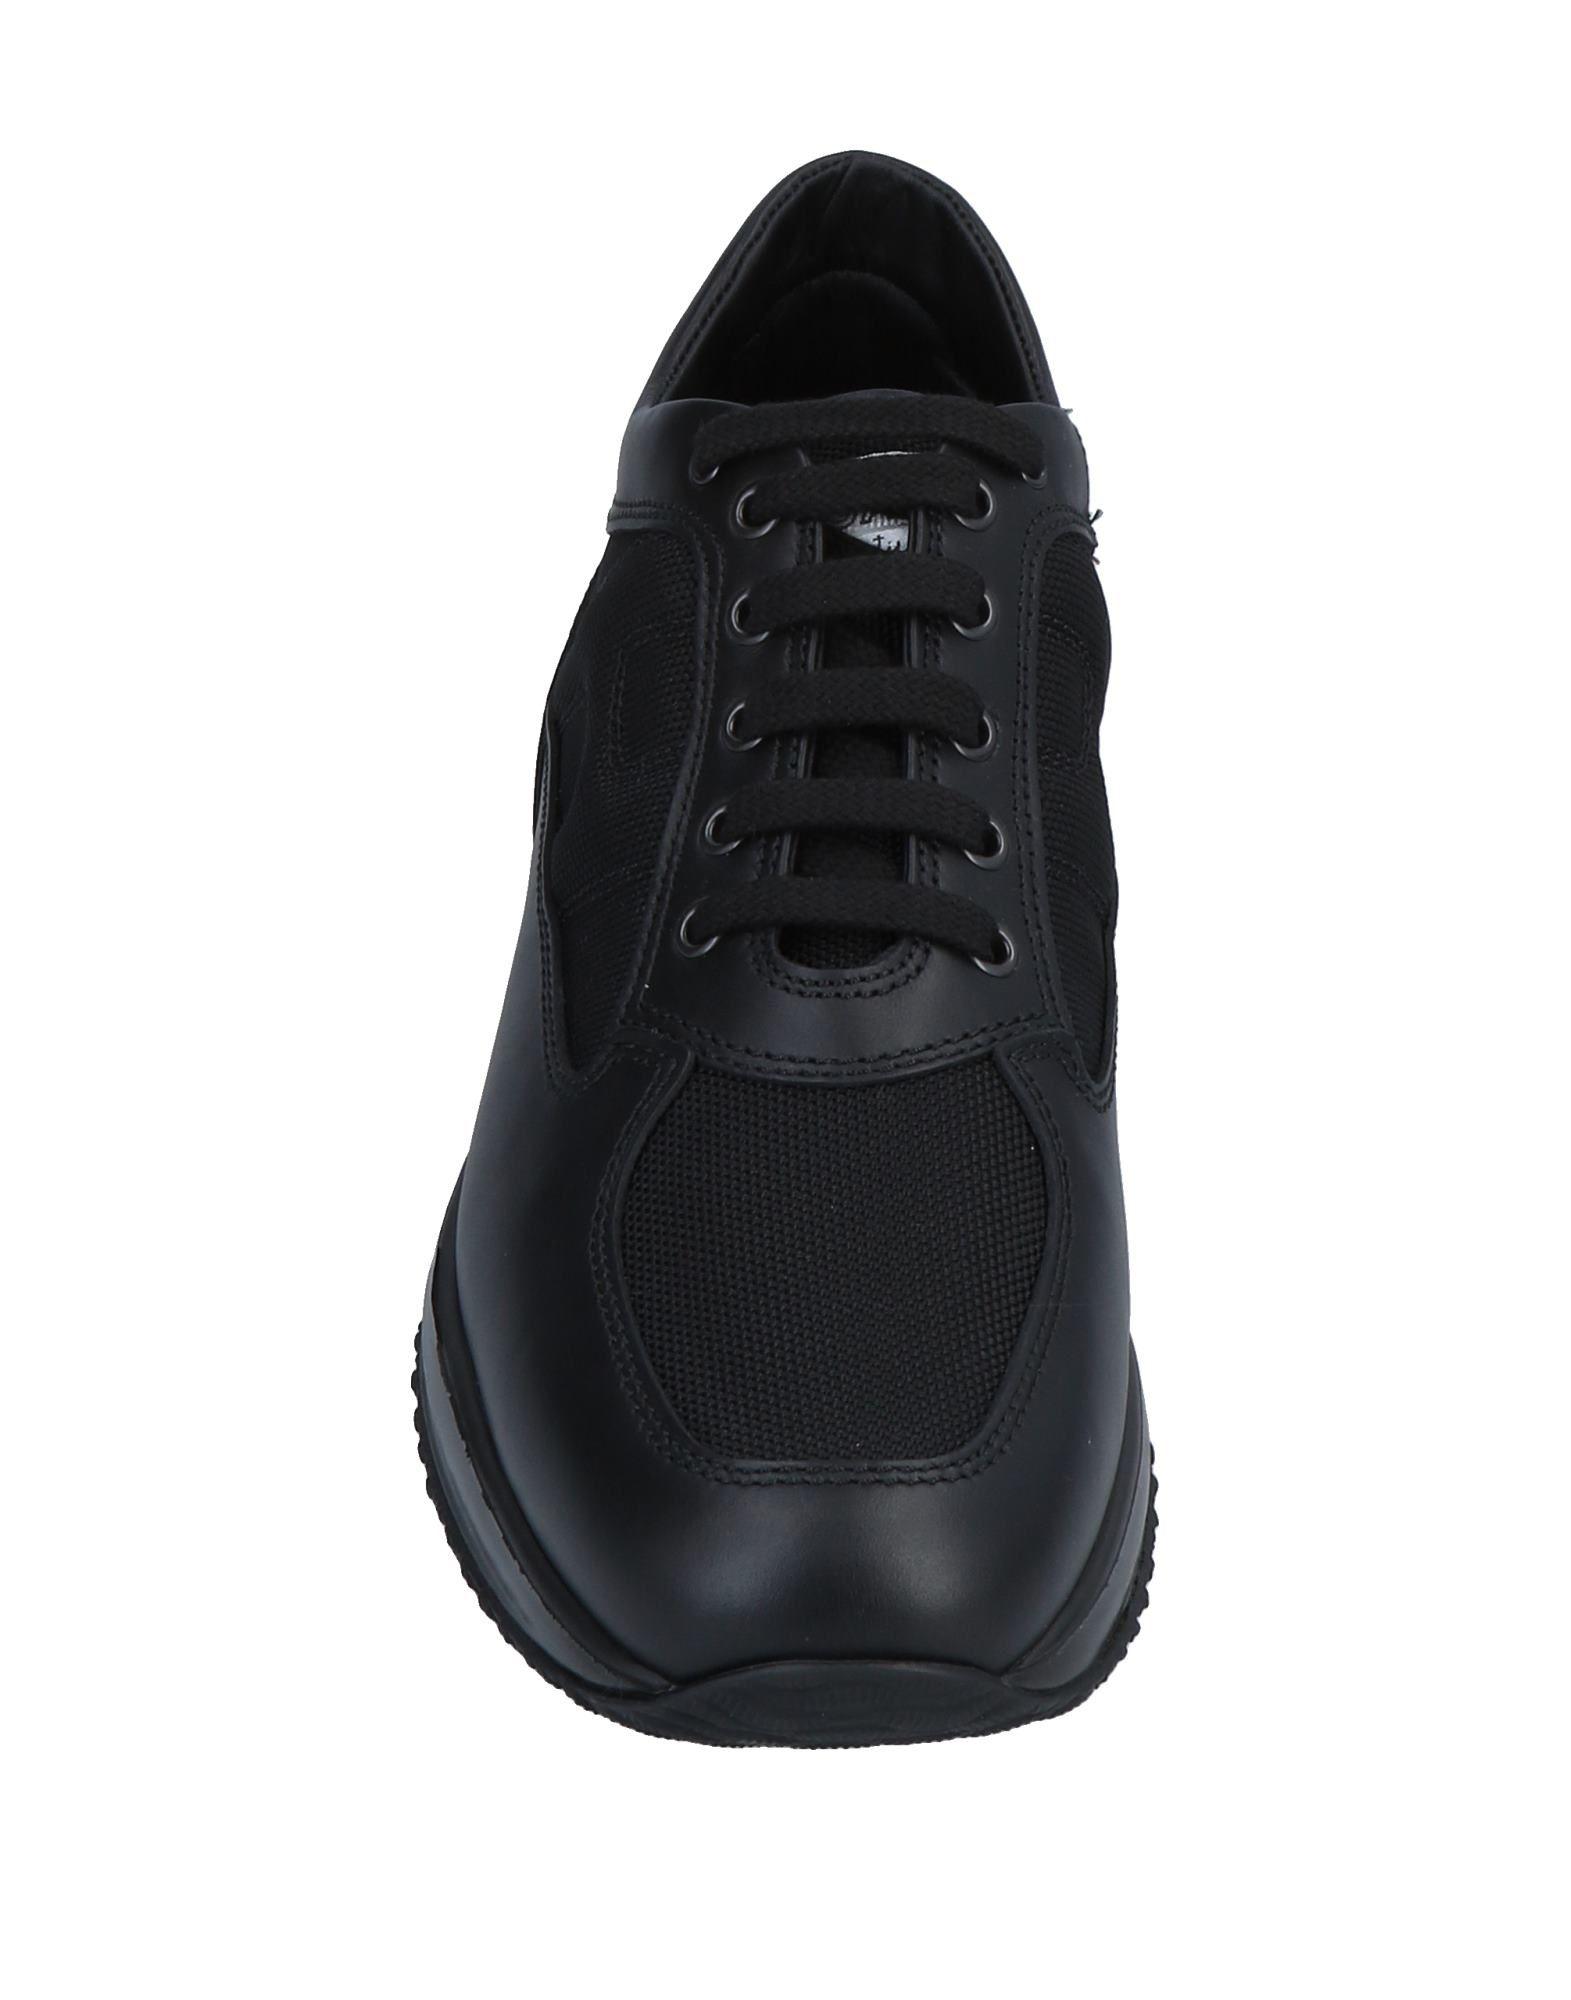 Hogan Gute Sneakers Herren  11559686MX Gute Hogan Qualität beliebte Schuhe 8b0b60